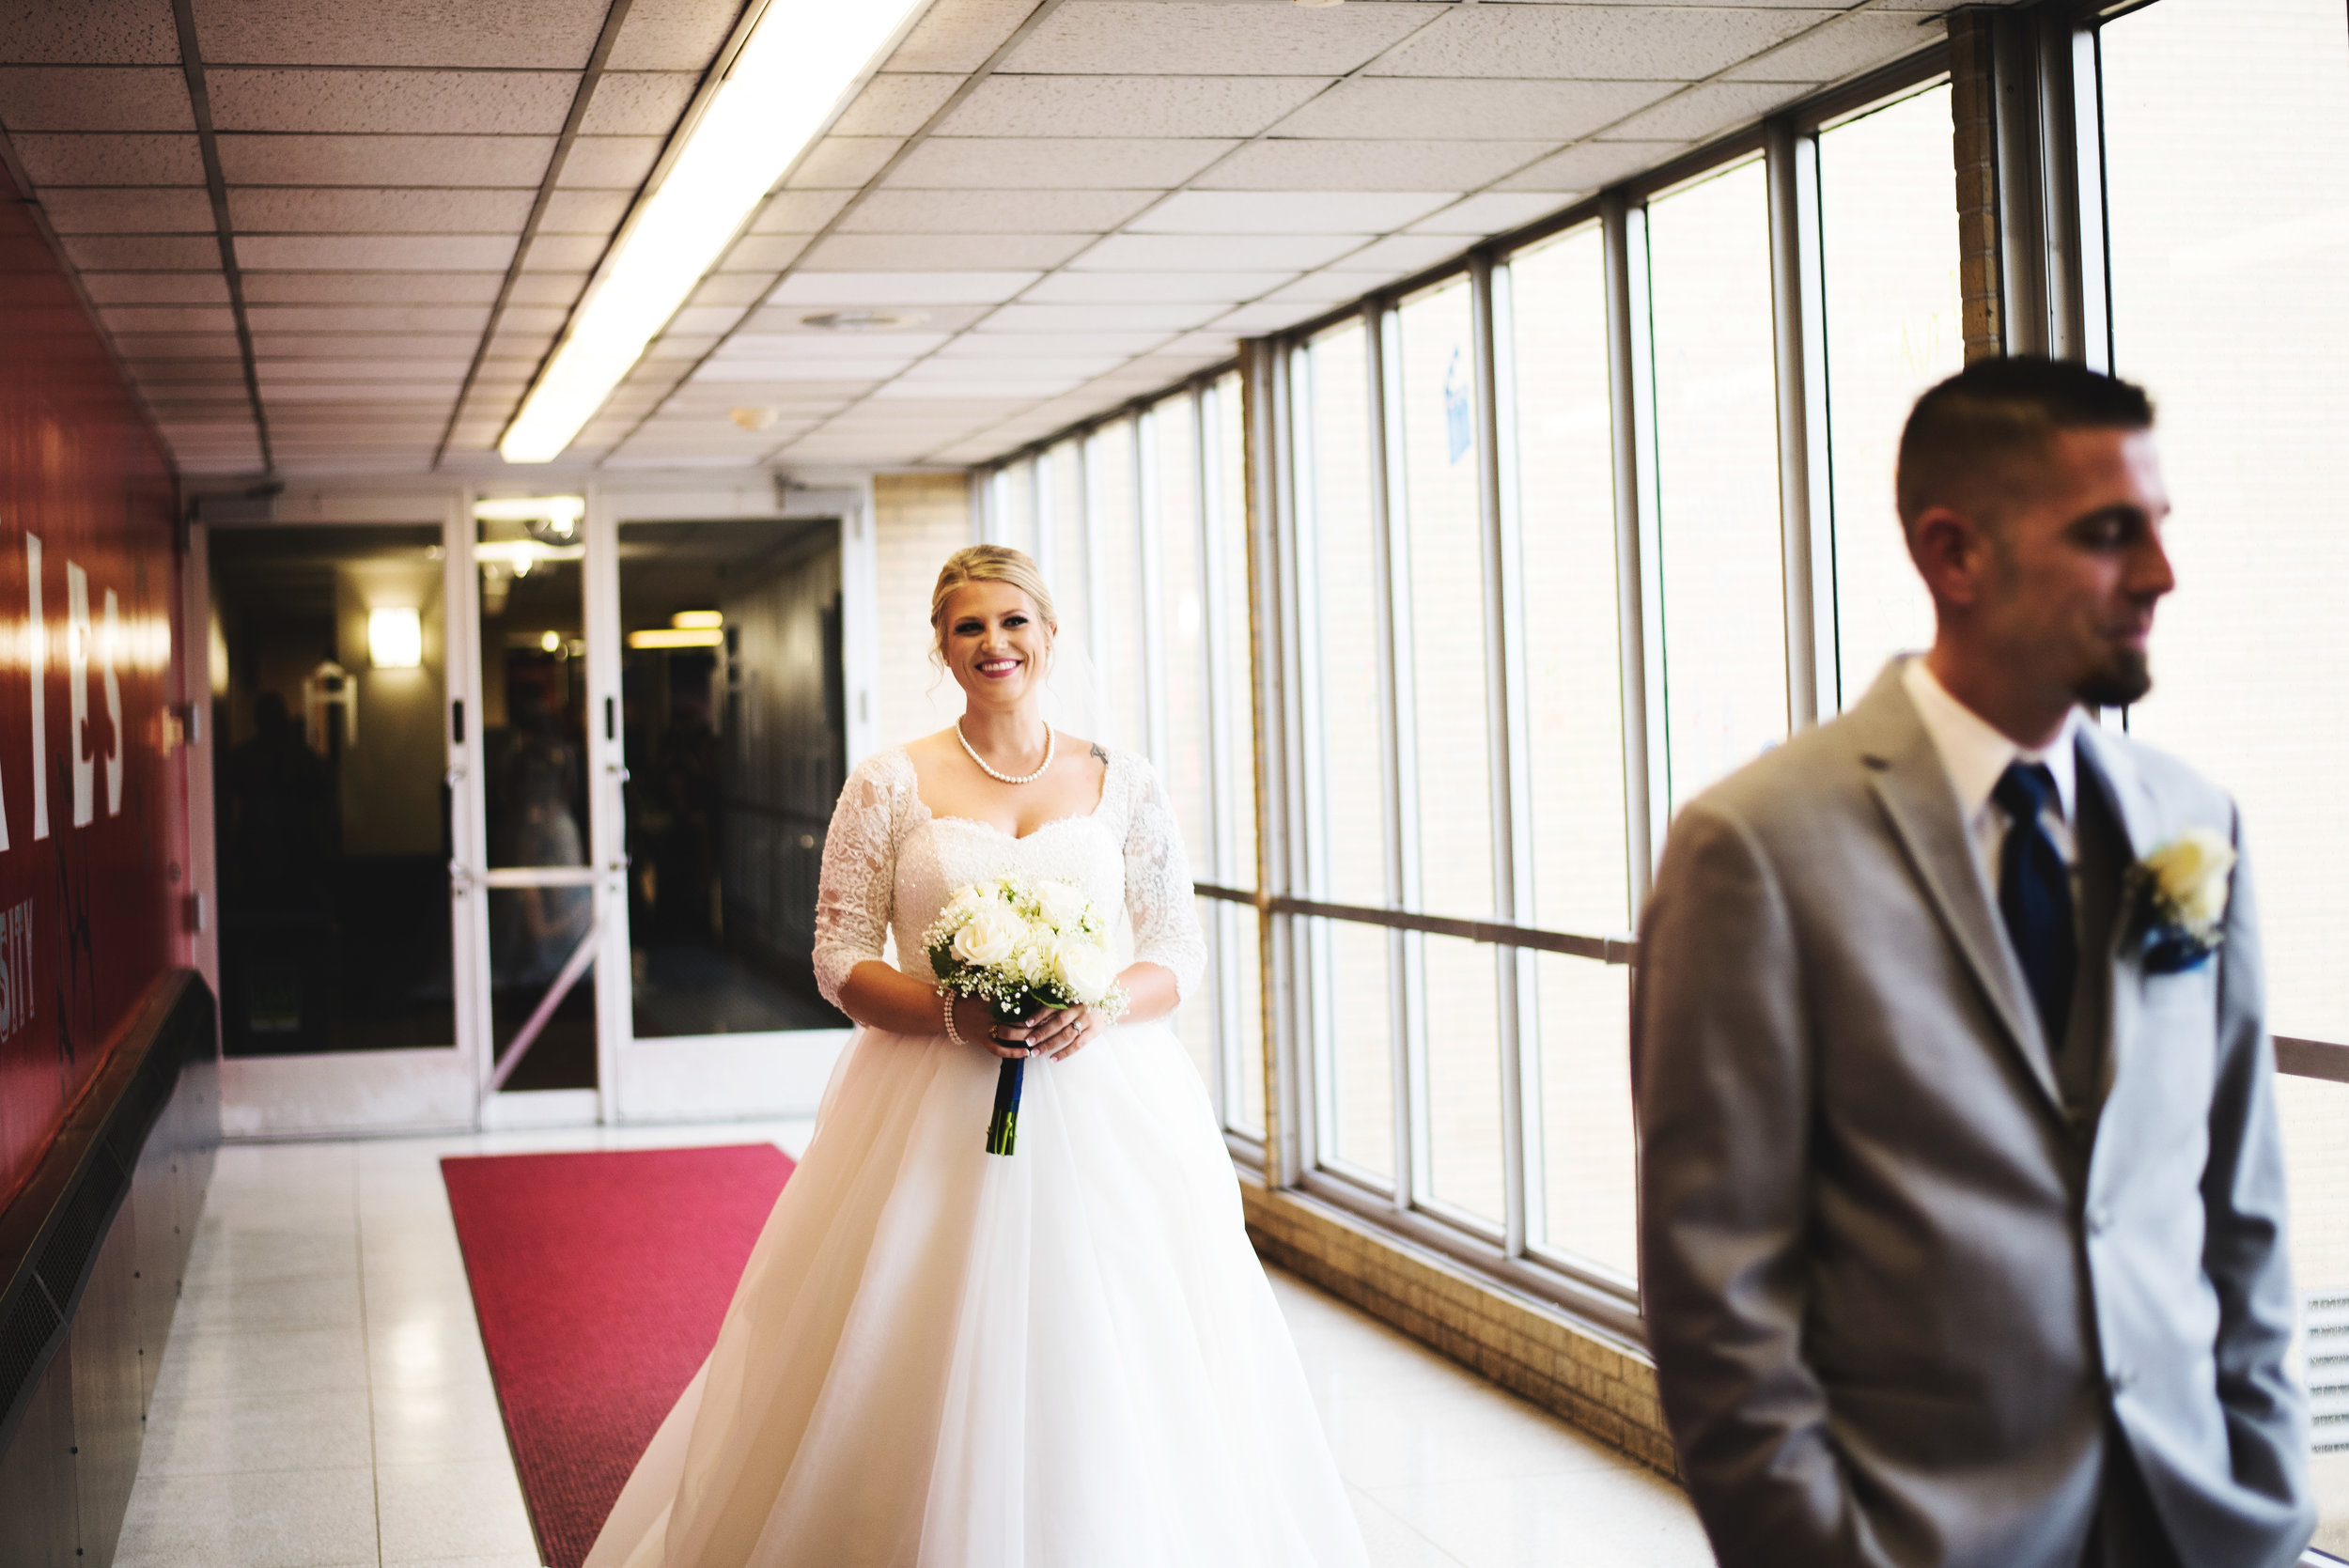 King-Northern-Illinois-University-Wedding026.jpg